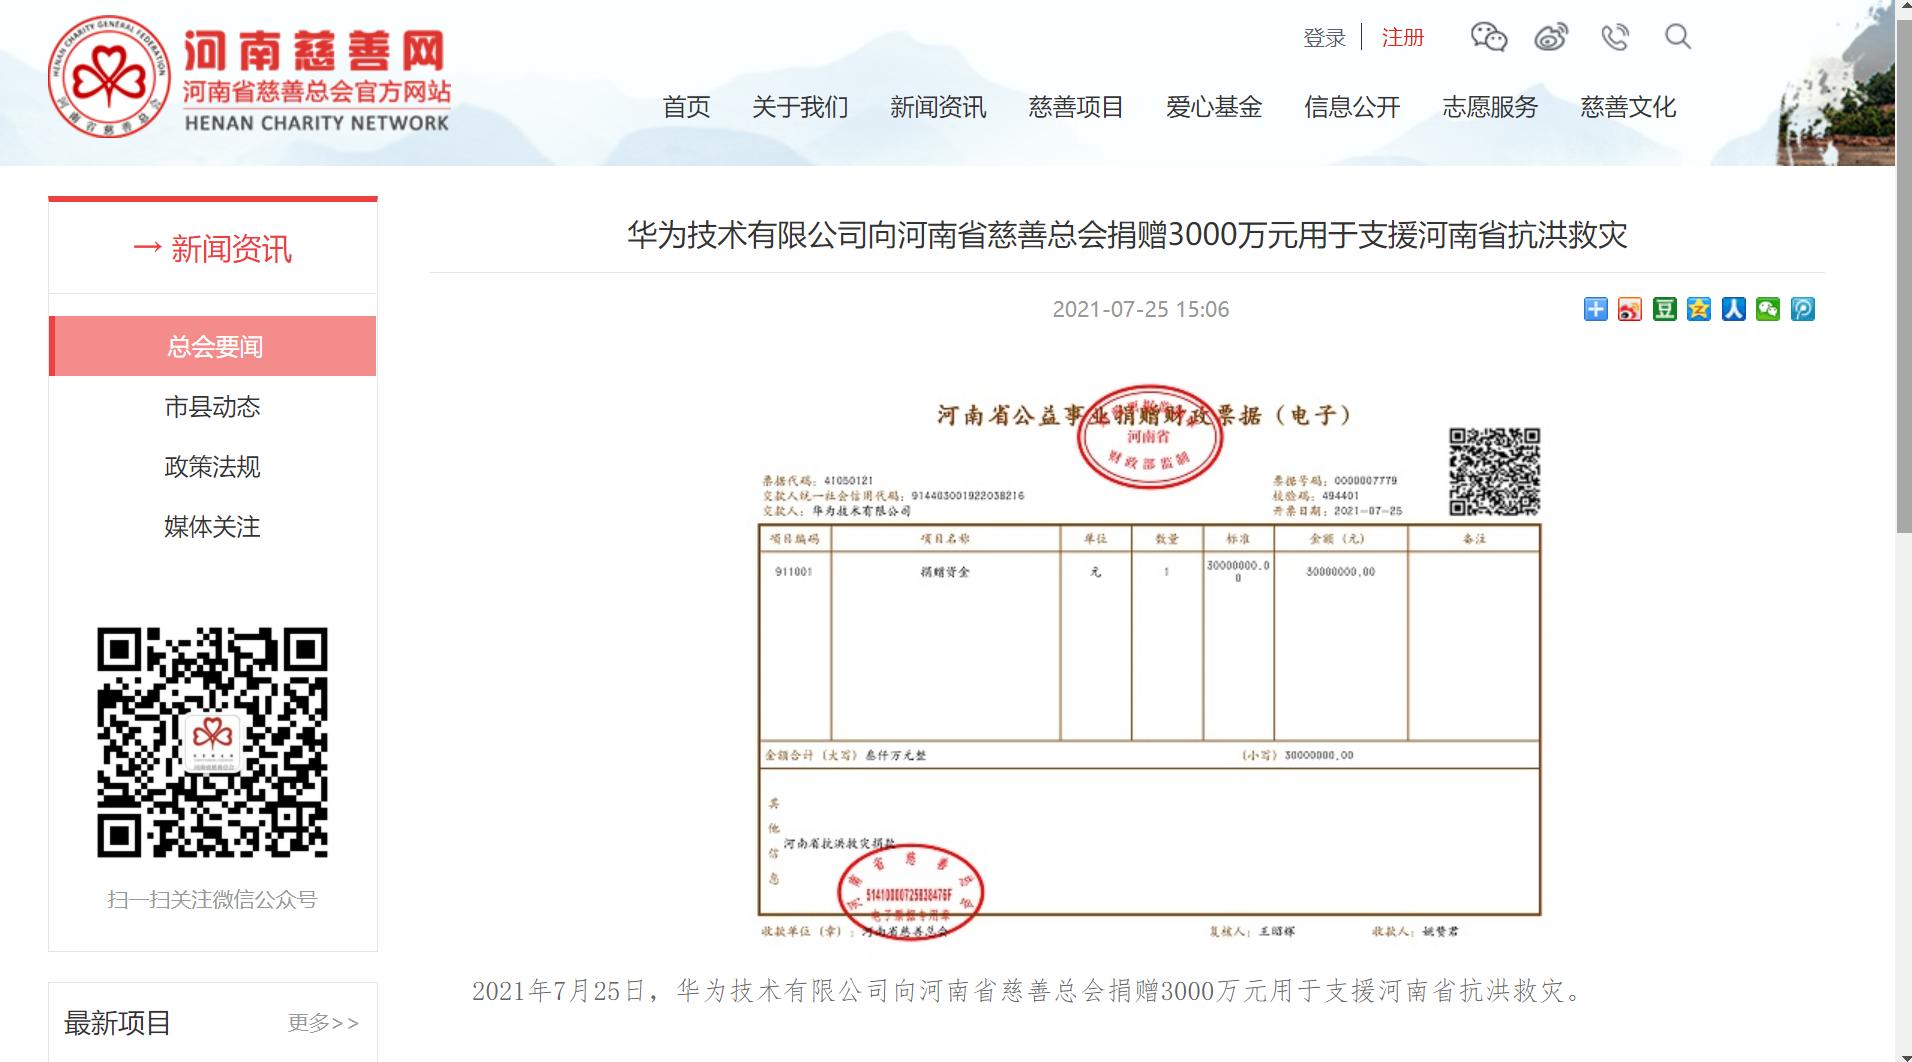 華為向河南省慈善總會捐贈3000萬元-圖1